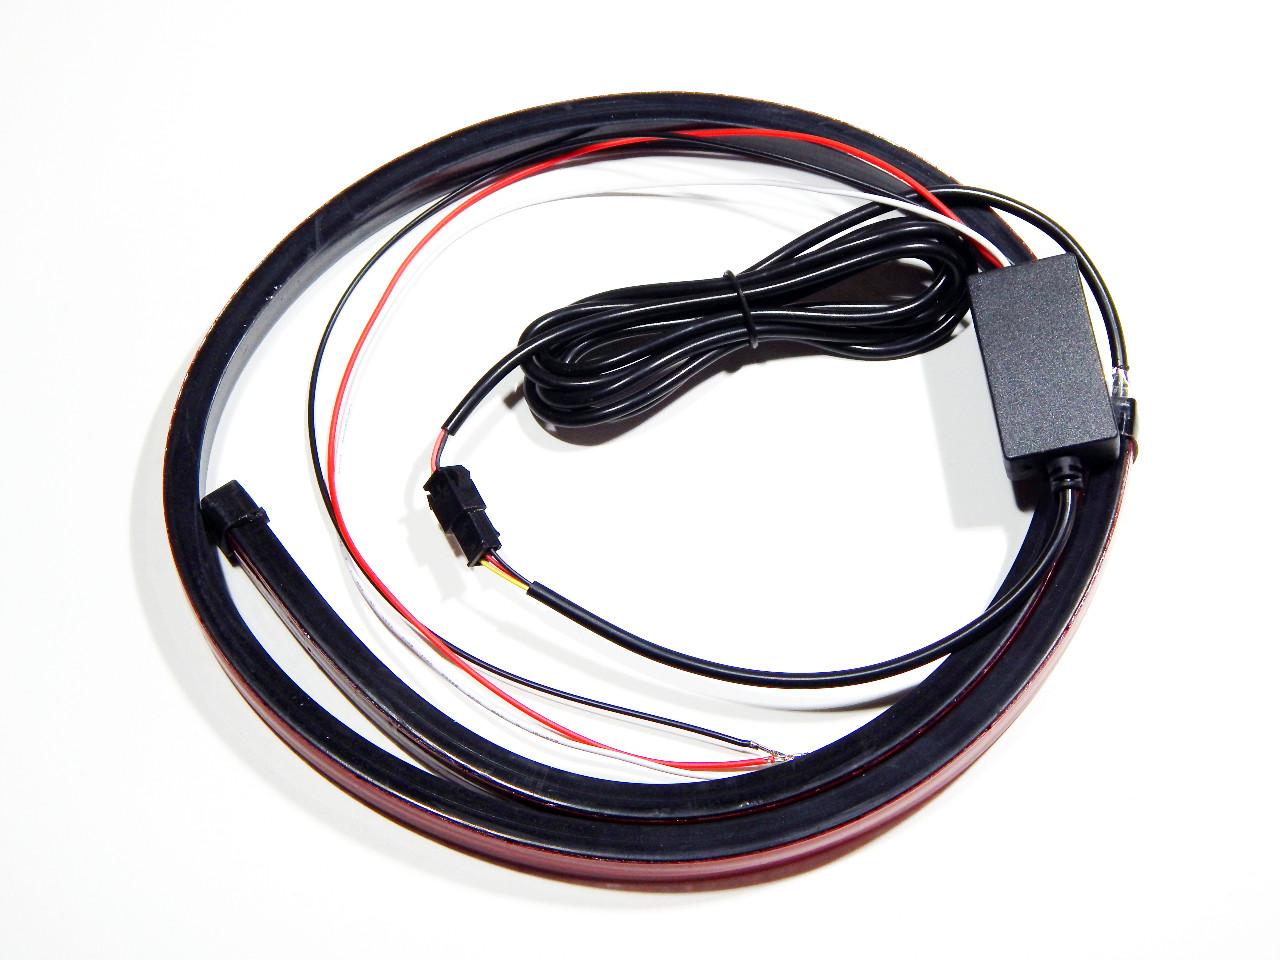 Стоп-сигнал ZIRY C39037-M dynamic 90cm red з динамічним ефектом, гнучкий